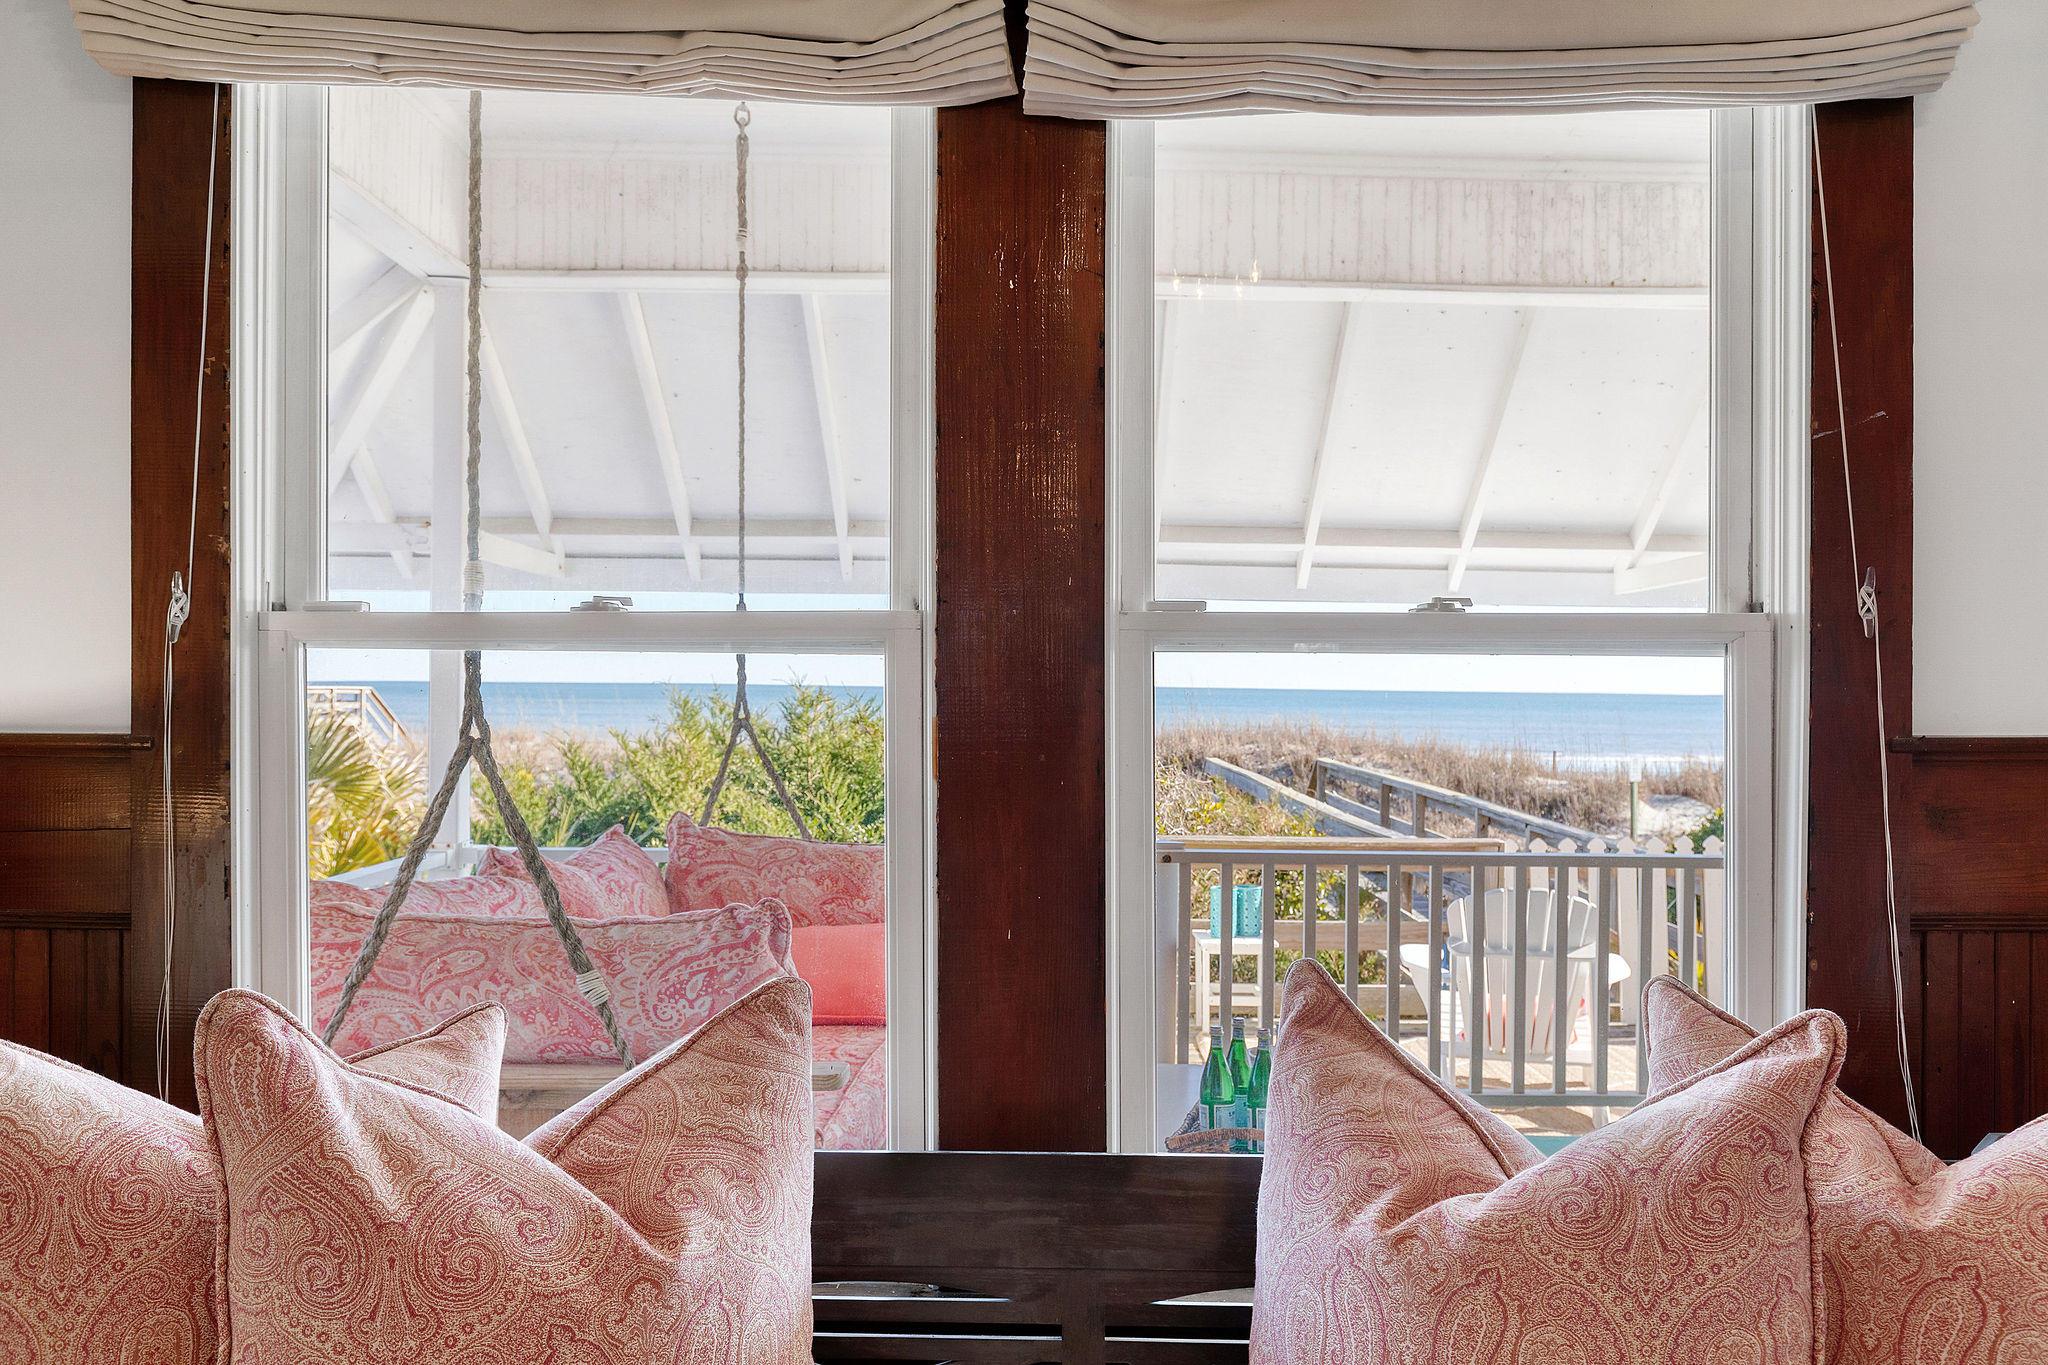 Folly Beach Homes For Sale - 509 Ashley, Folly Beach, SC - 1